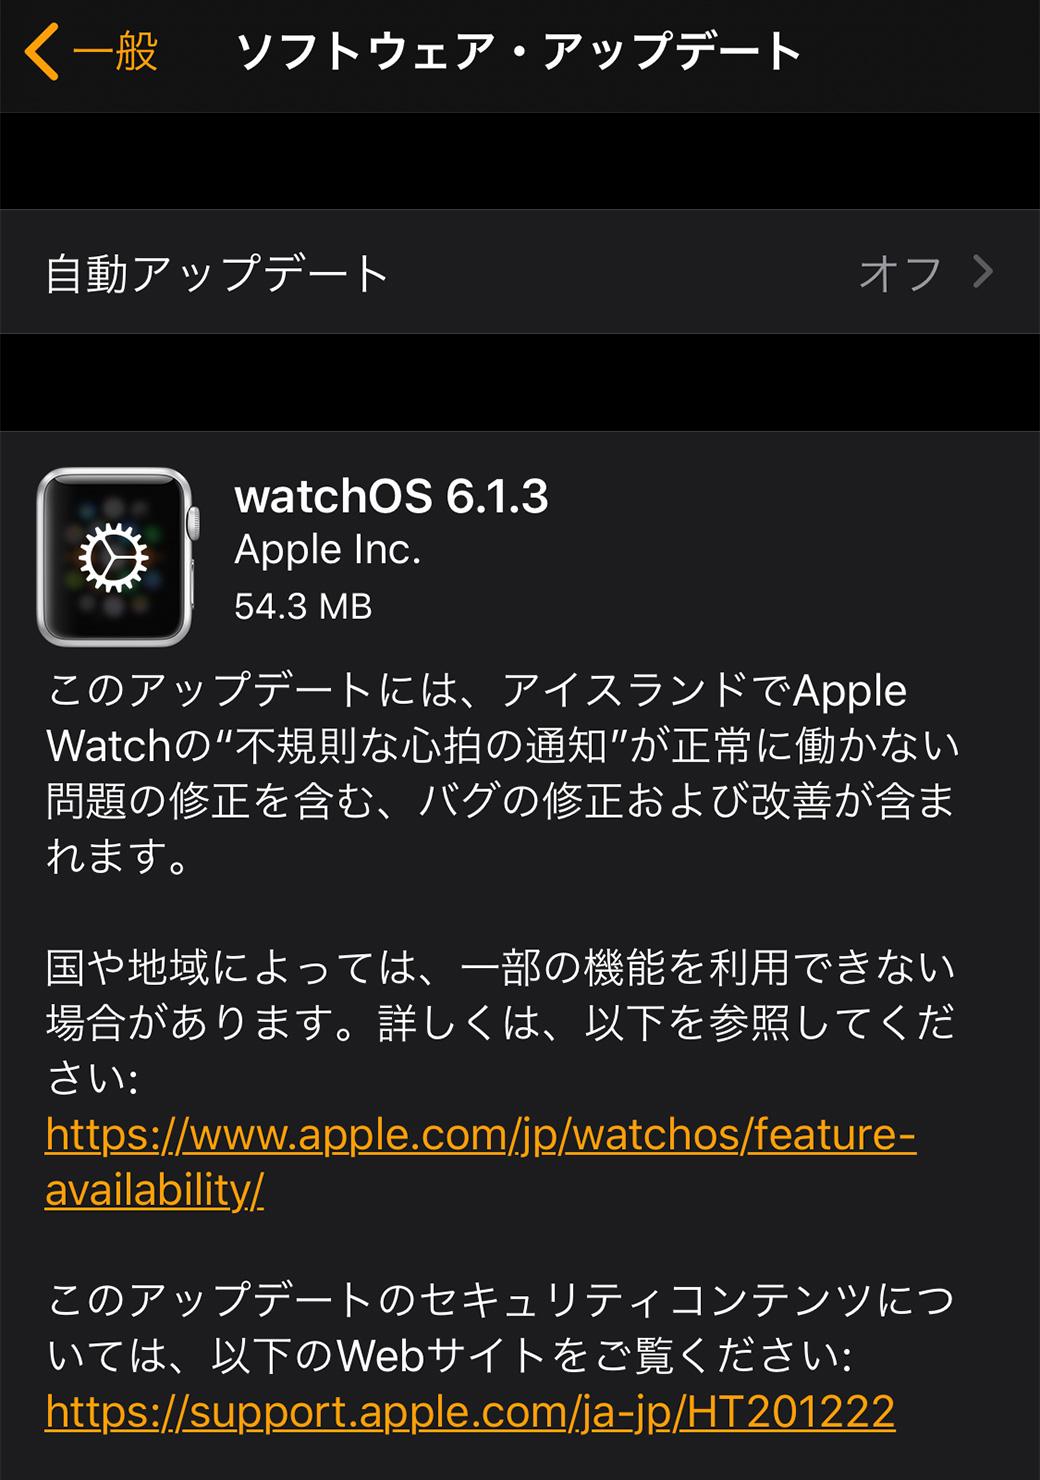 watchOS 6.1.3